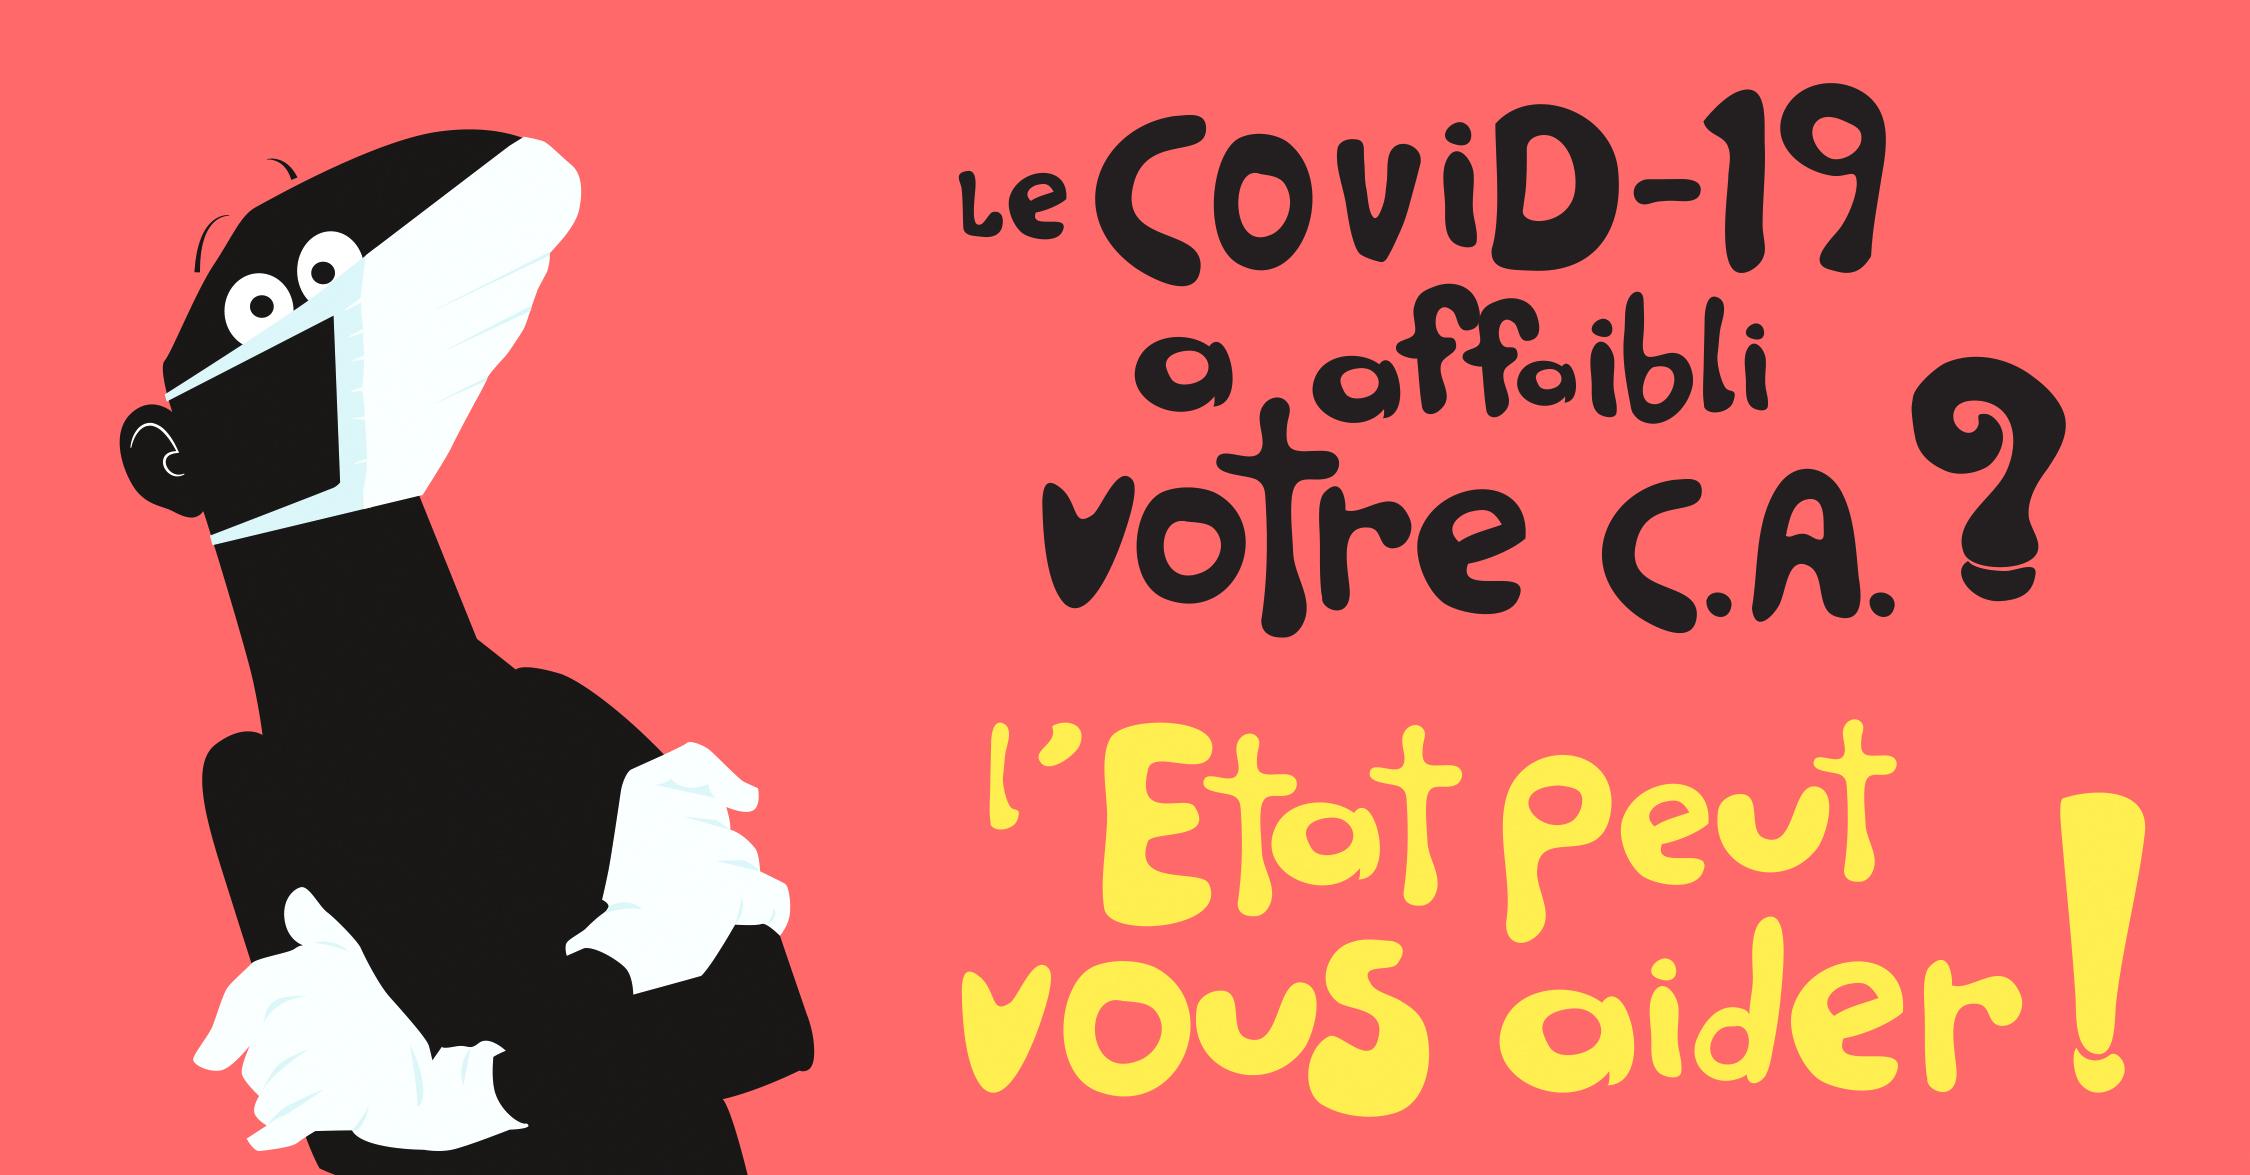 Illustration du personnage Freego portant un masque et des gants accompagné du texte suivant : Le Covid-19 a affaiblie votre chiffre d'affaire, l'état peut vous aider !